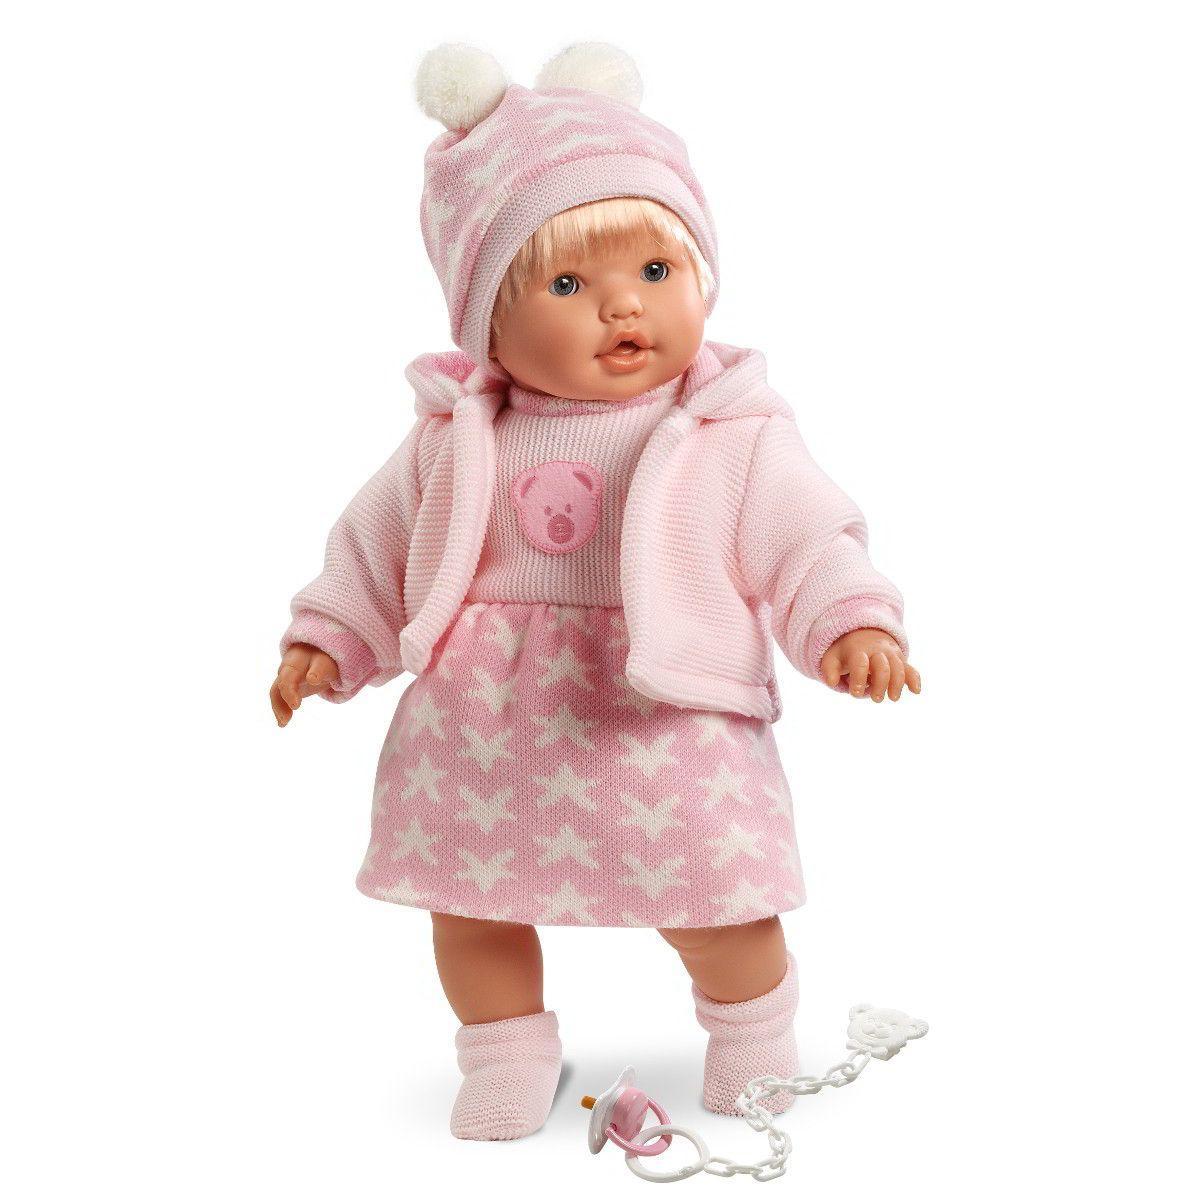 Кукла Ника, 48 смИспанские куклы Llorens Juan, S.L.<br>Кукла Ника, 48 см<br>